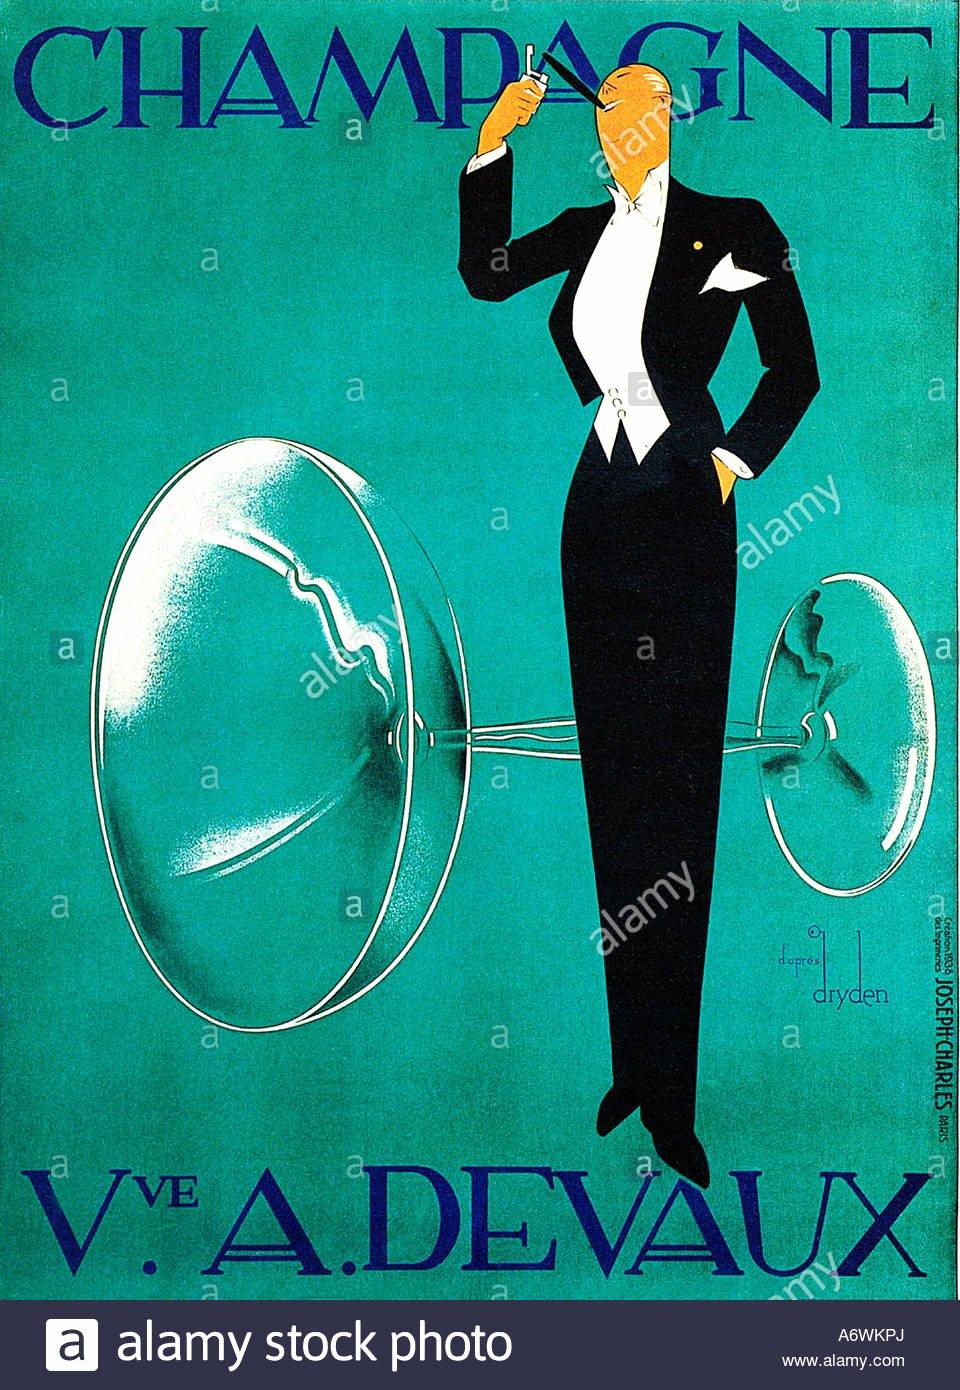 Famous Art Deco Posters Fresh Champagne Devaux the Famous 1930s Art Deco Poster for the